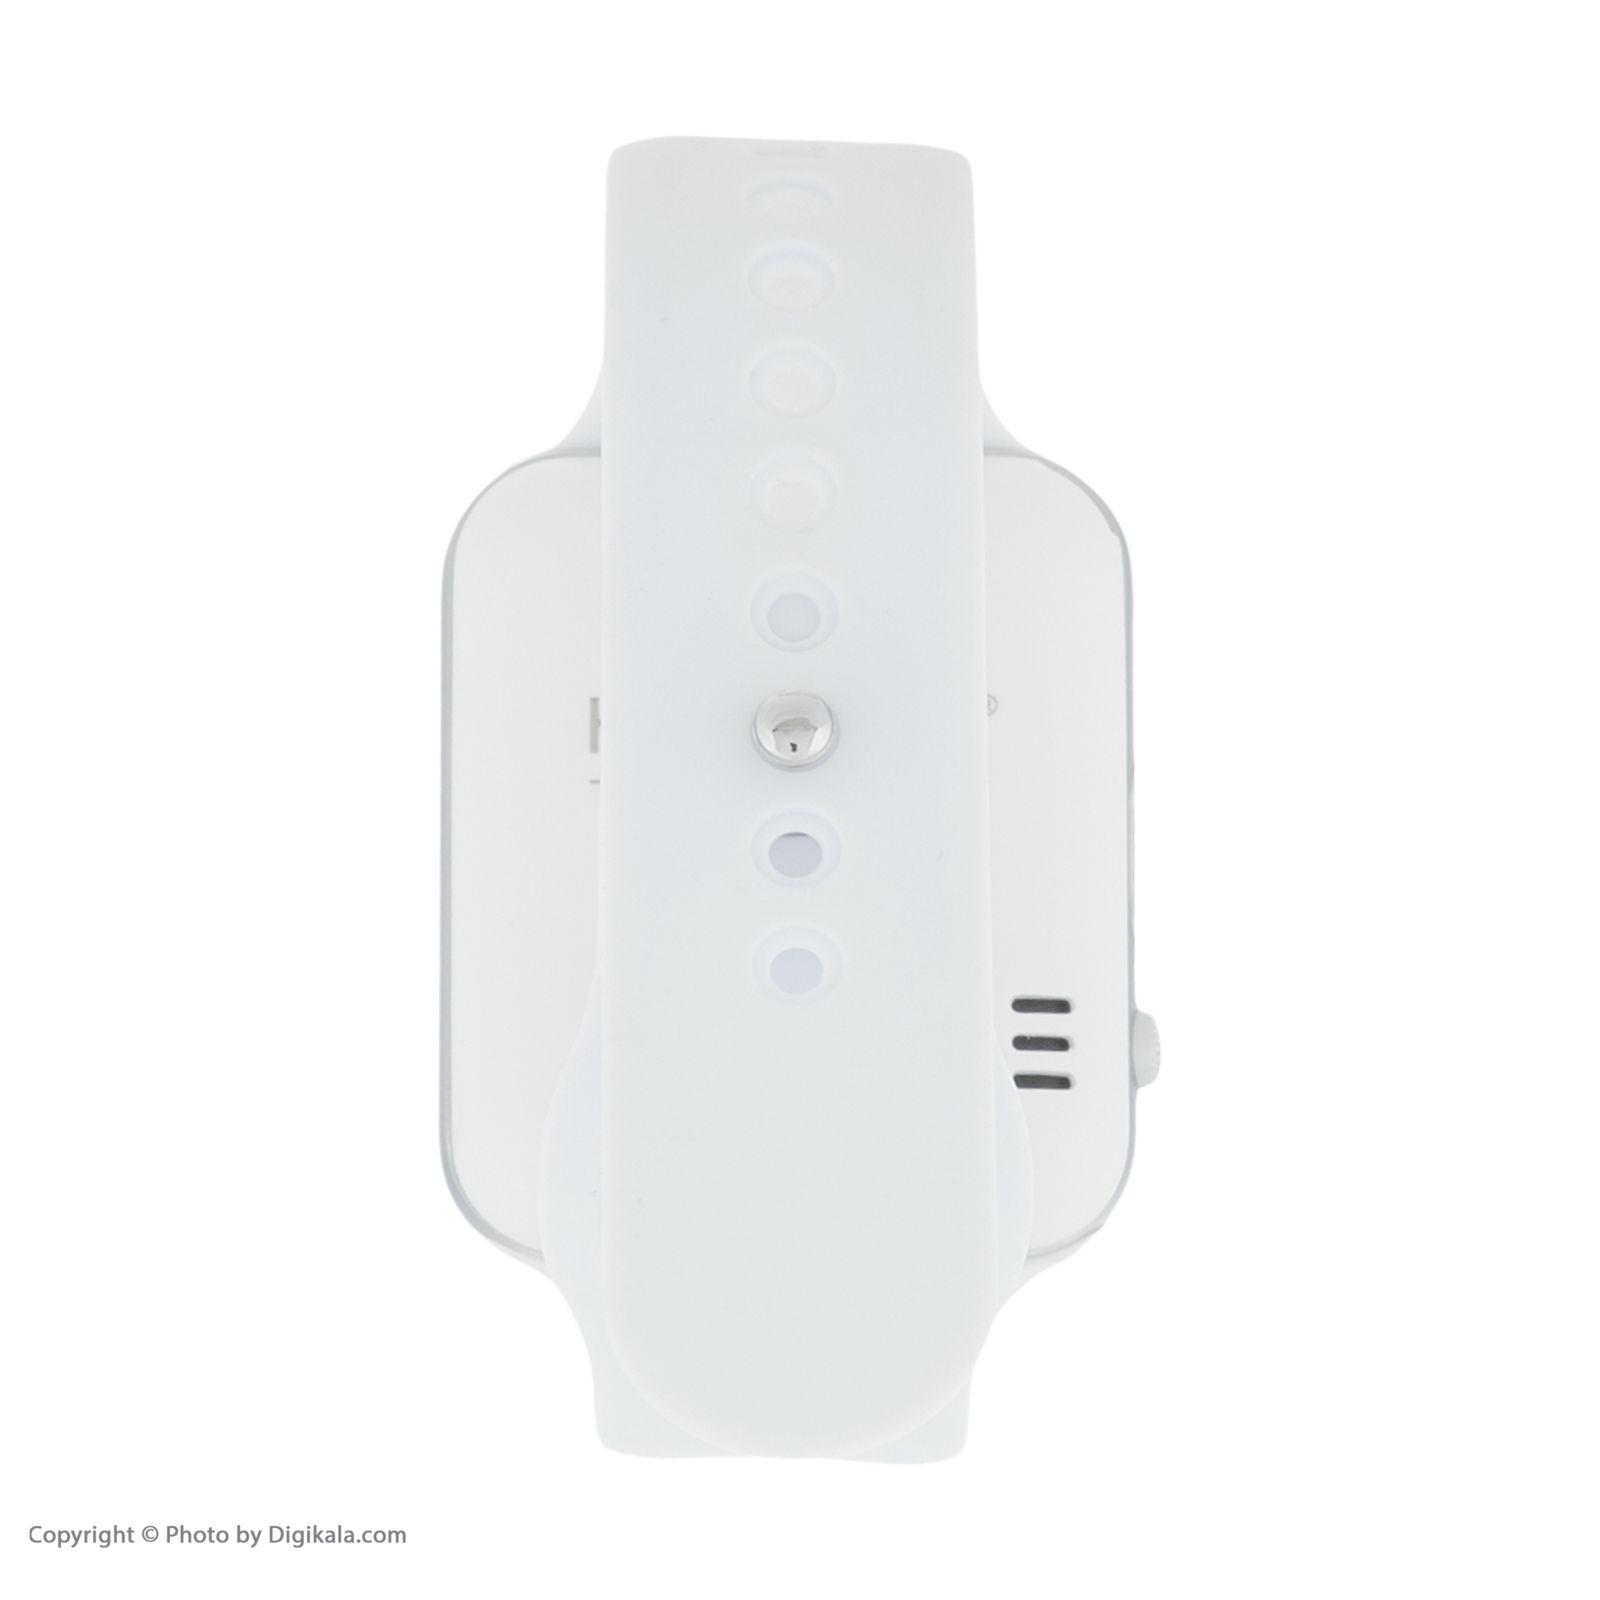 ساعت هوشمند هاینو تکو مدل HS01 -  - 5